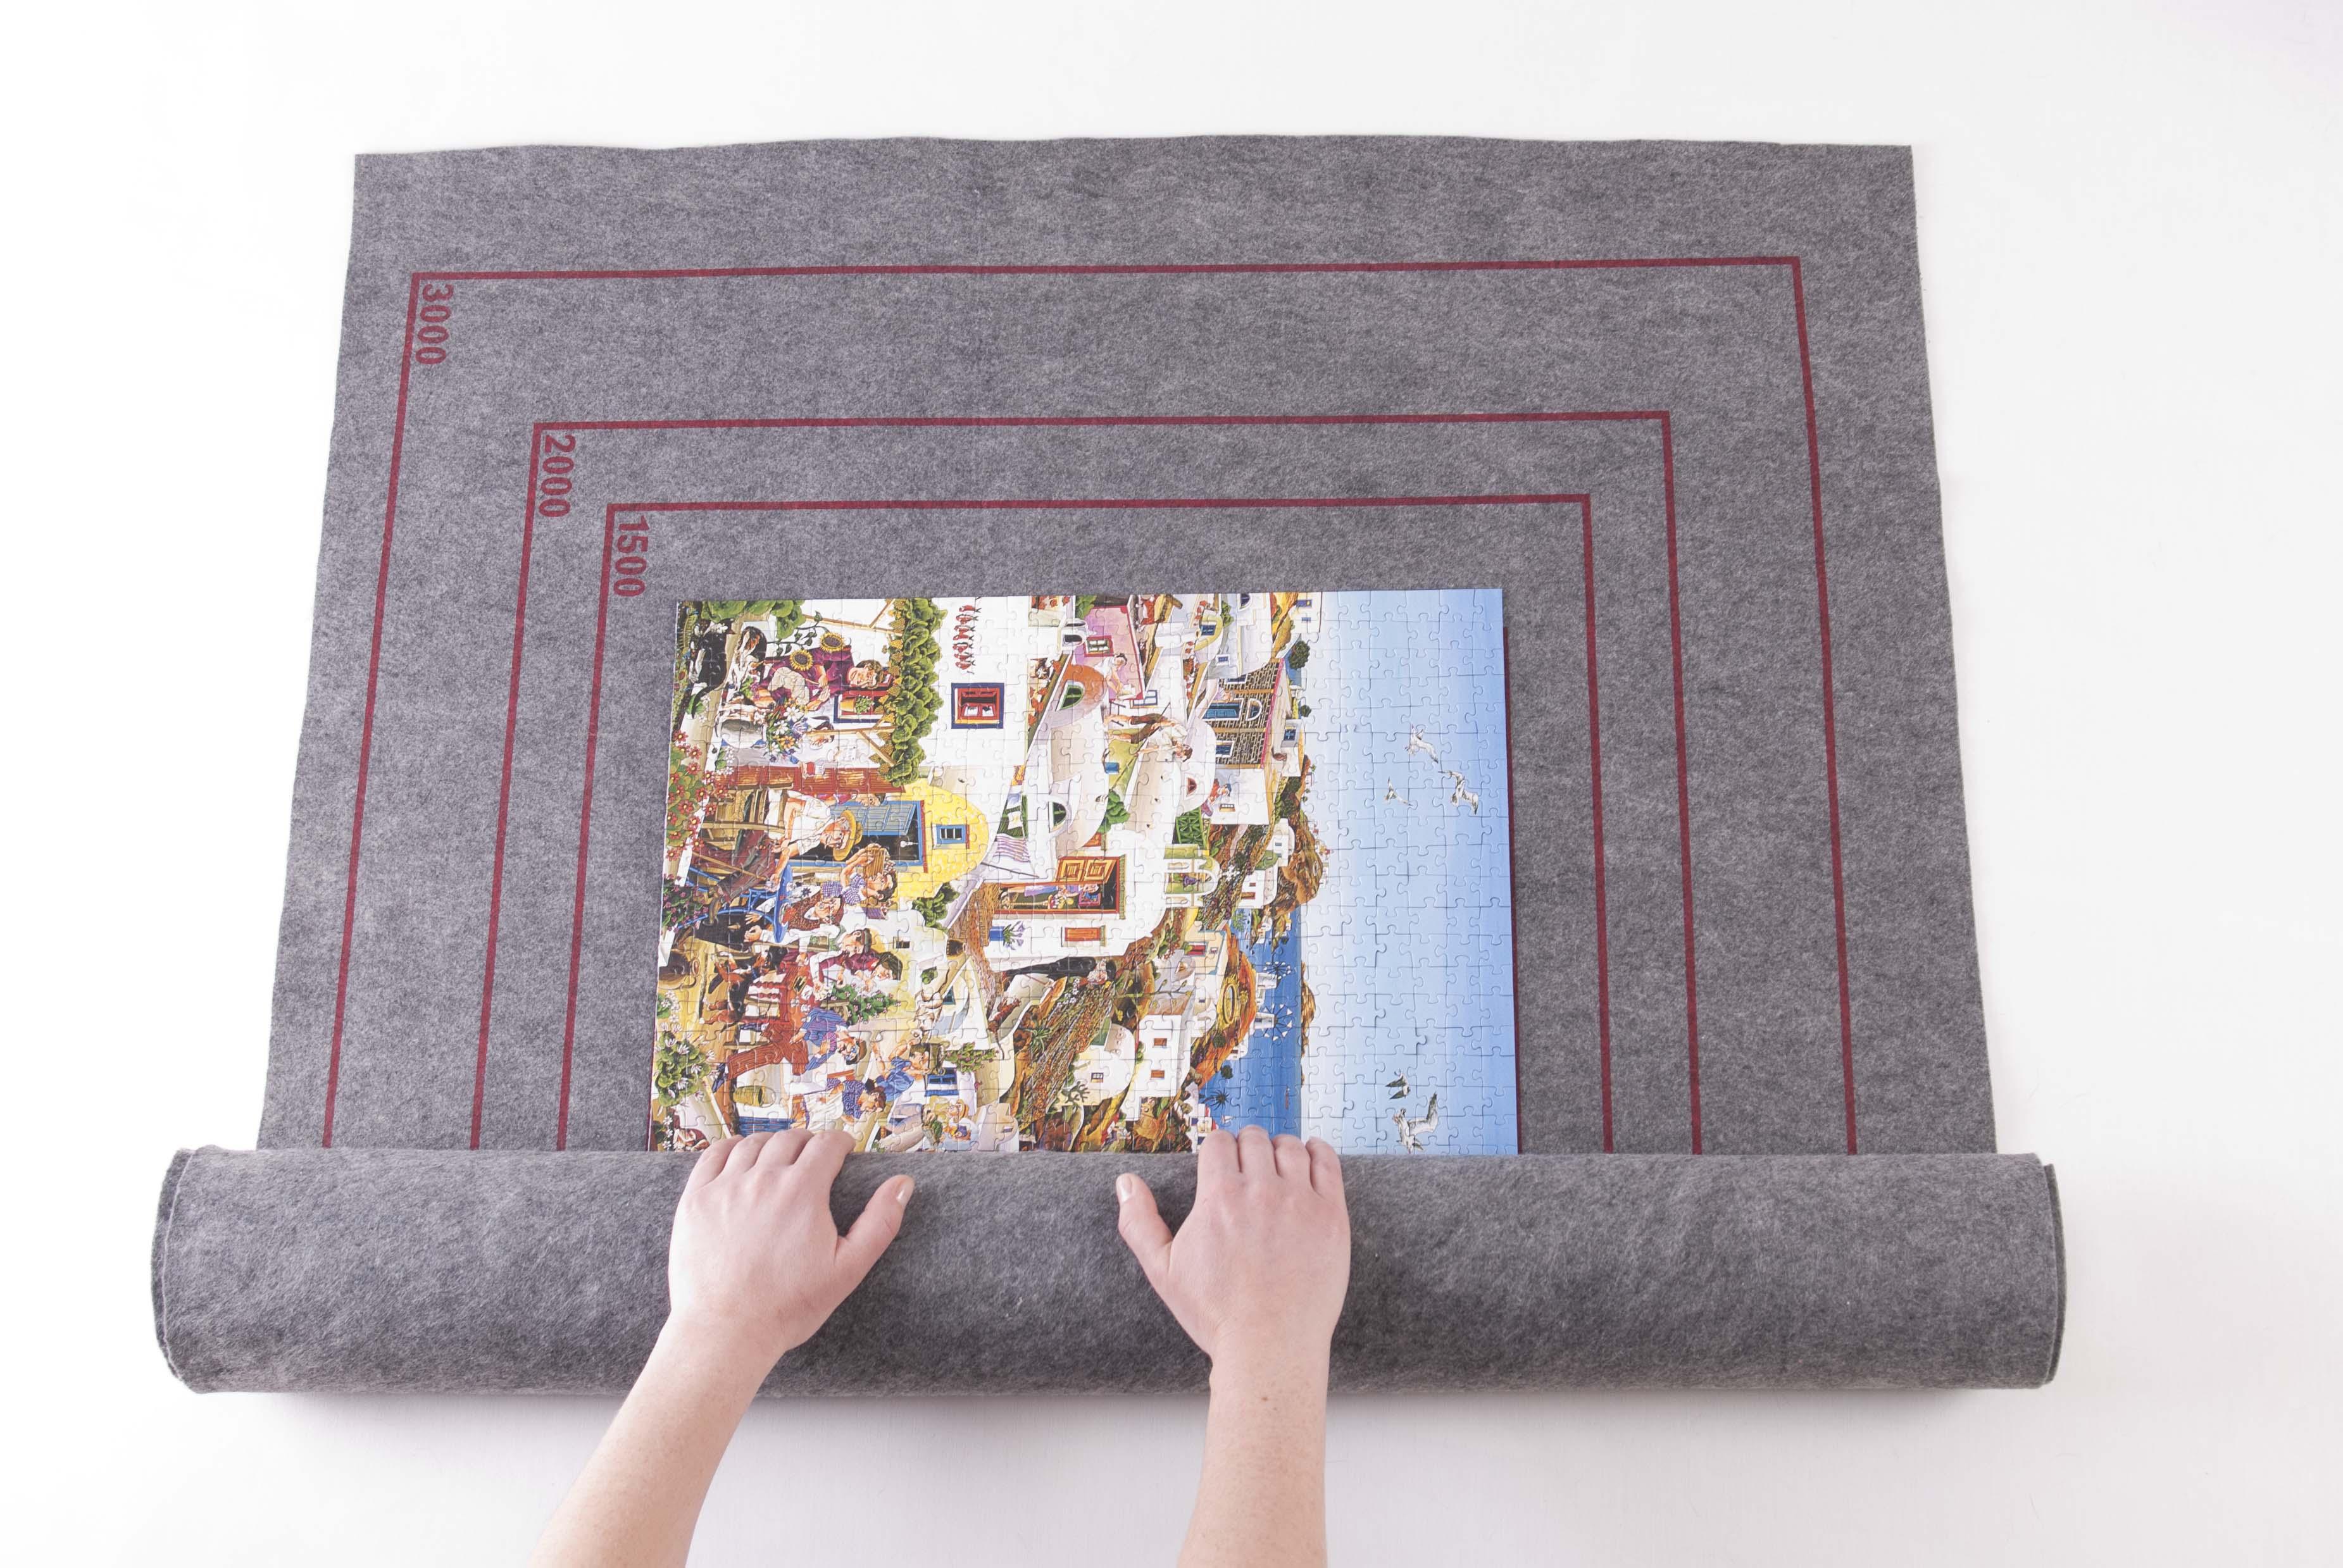 коврик для сборки пазл на 3000 элементов